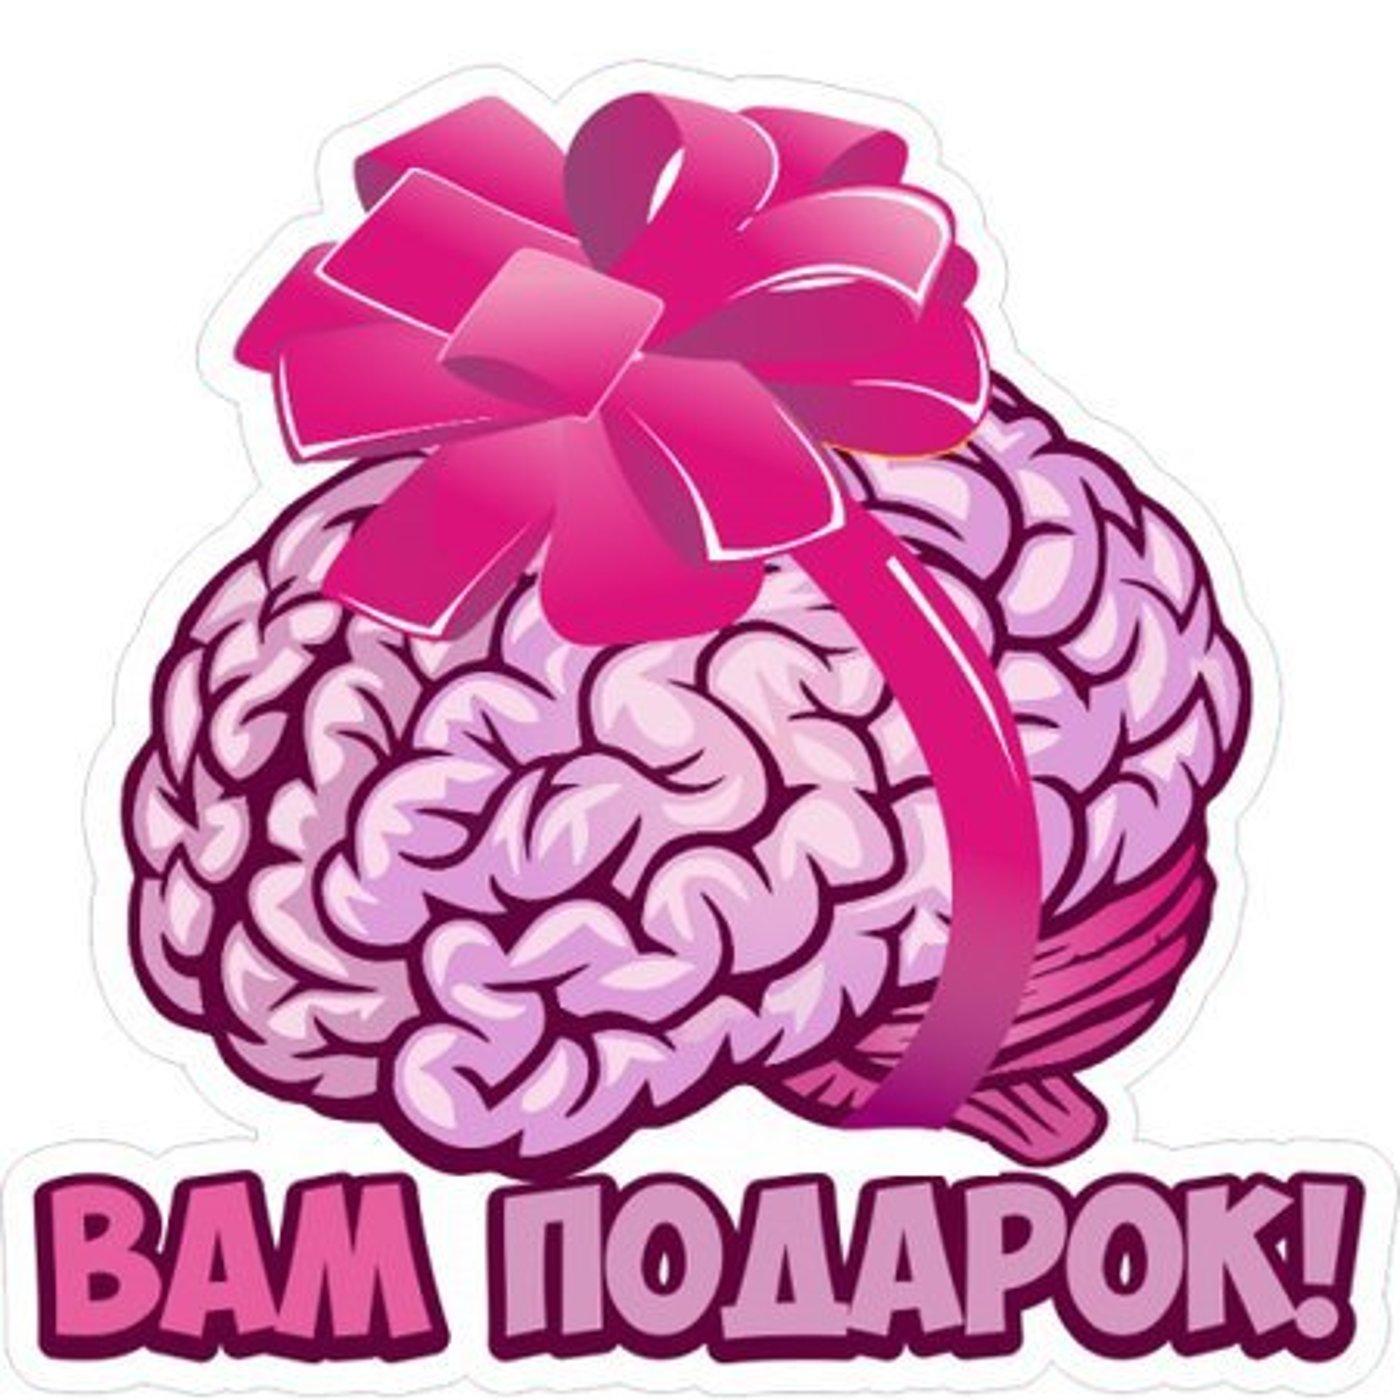 Картинка мозга с надписью